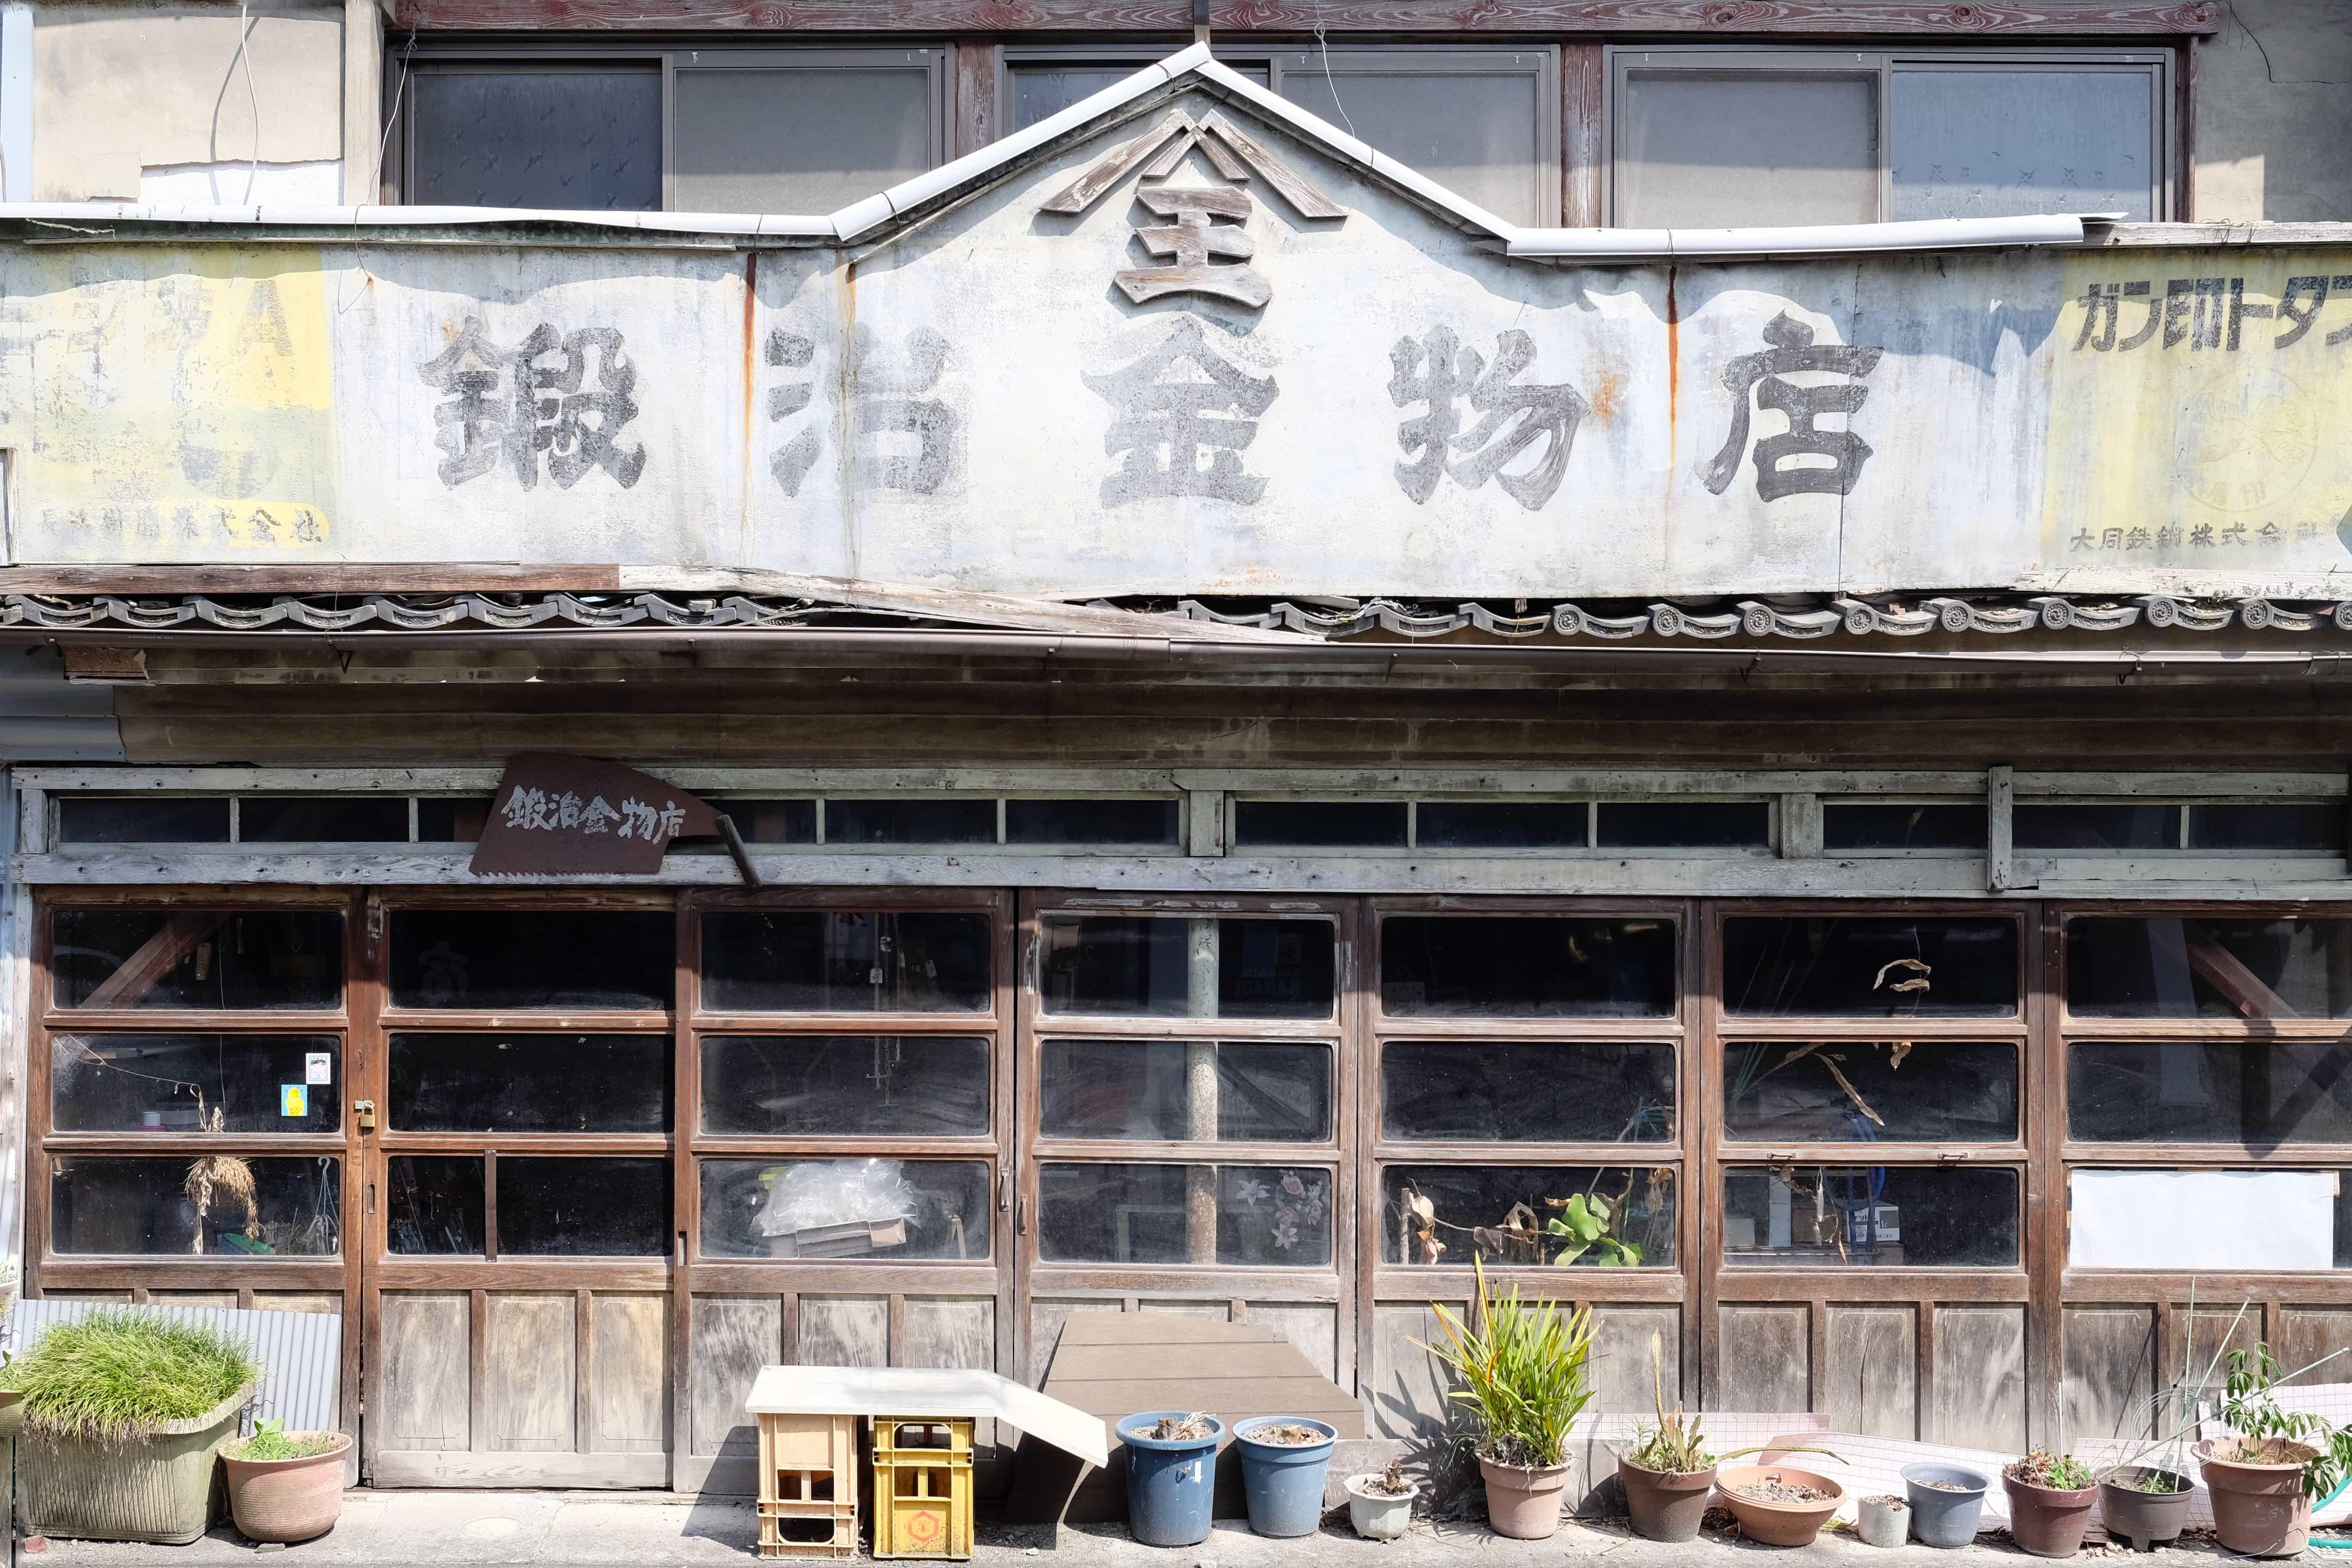 Uchiko shopfront